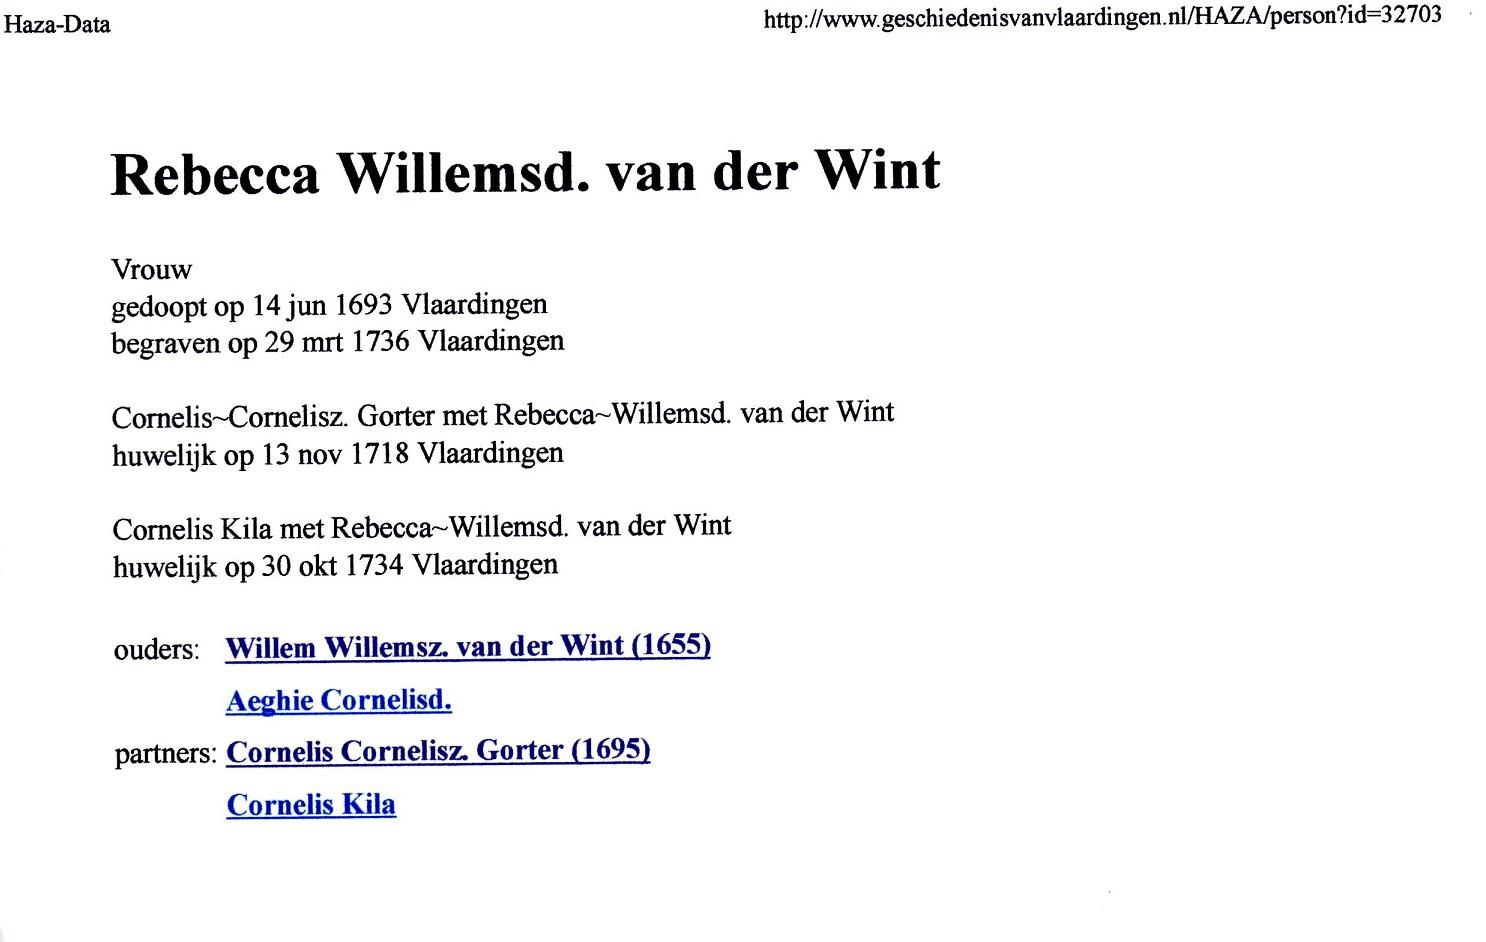 1693-06-14 Rebecca Willemsd van der Wint